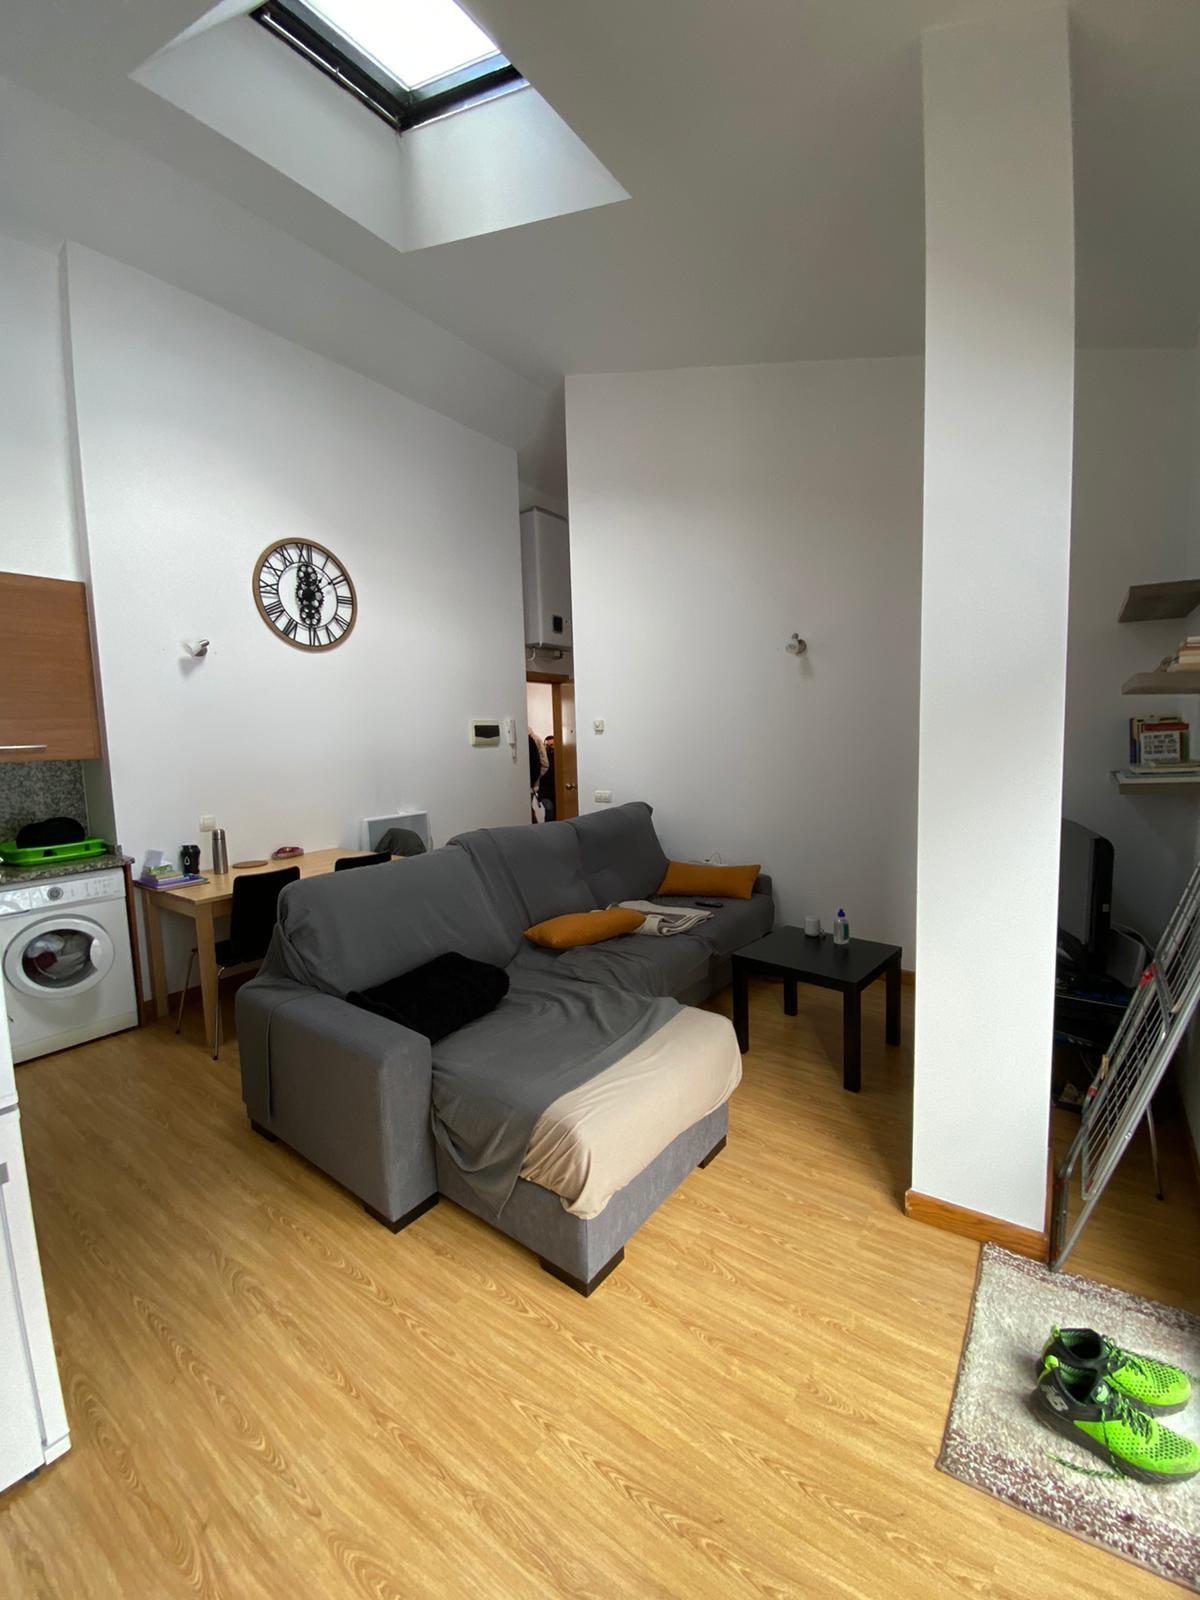 Pis en lloguer a Canillo - Immobiliària Cortals - Andorra - Rèf. 0321